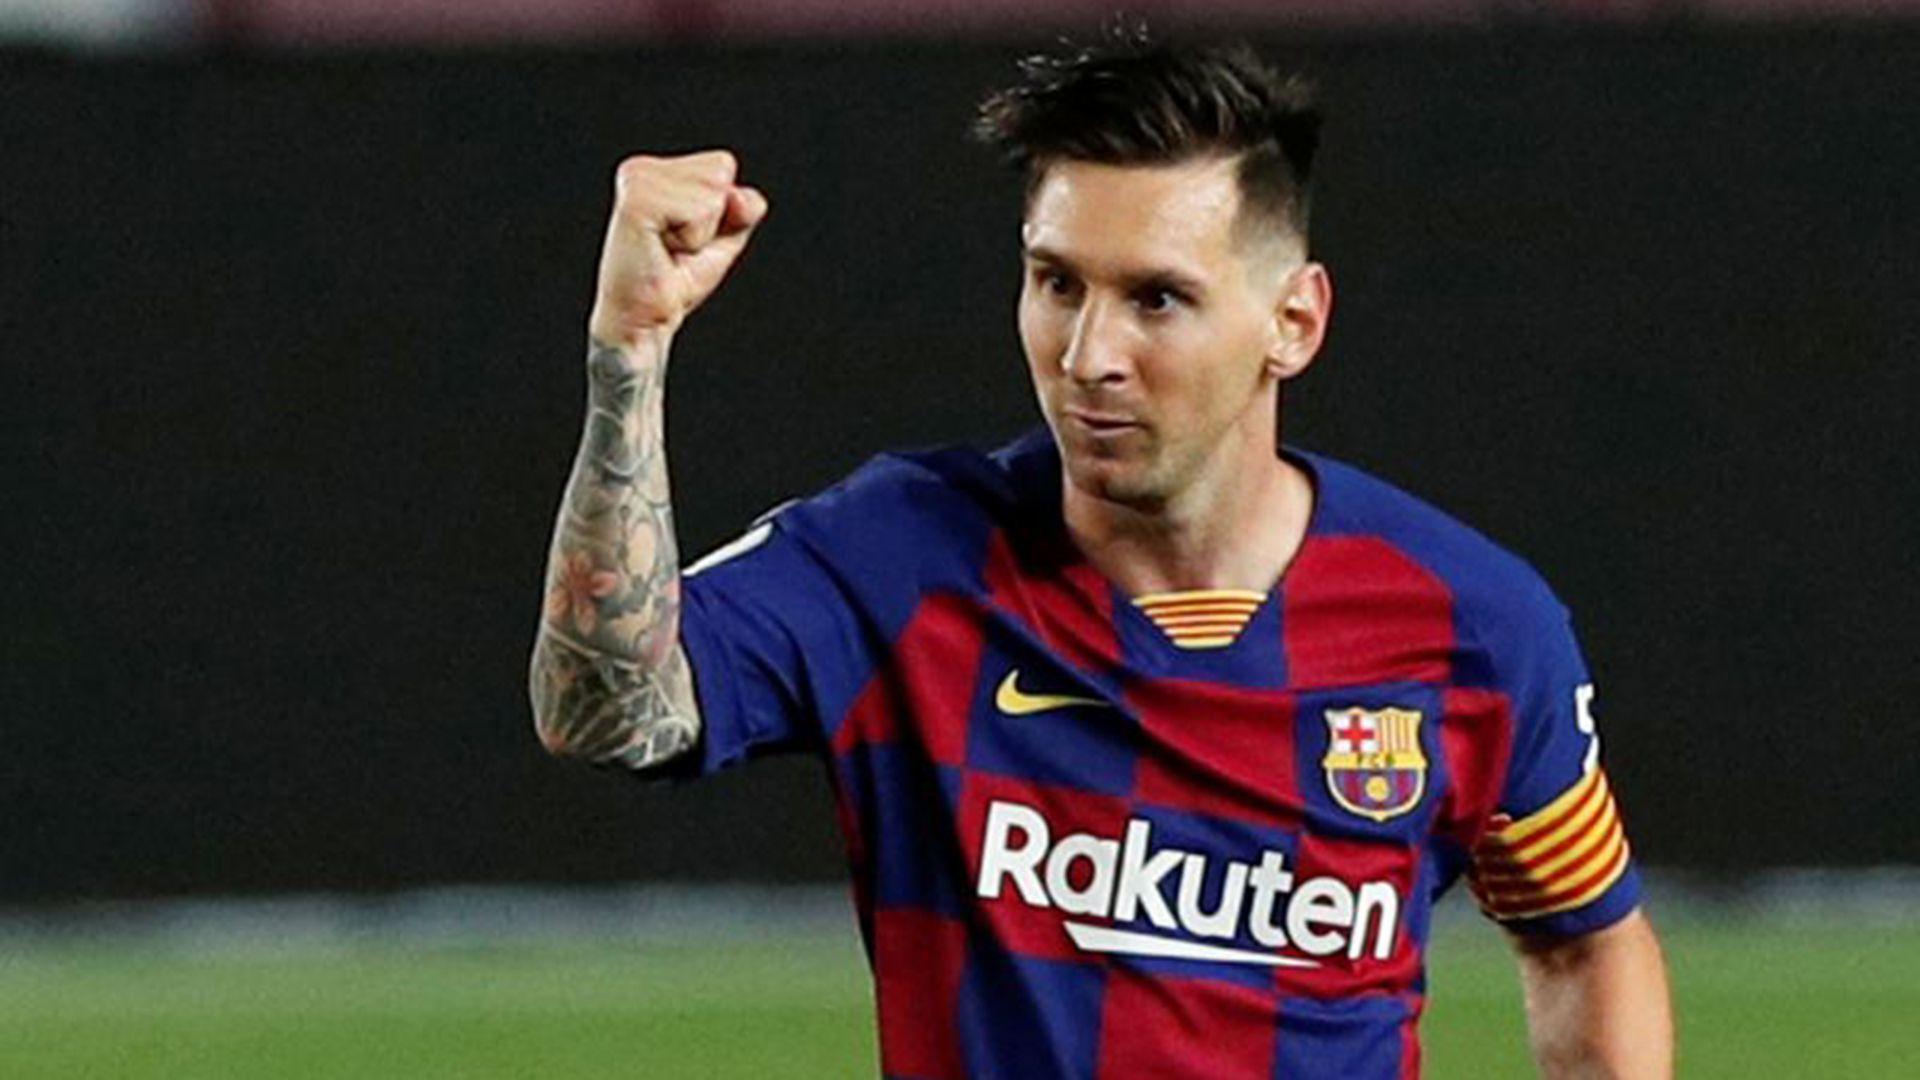 Lionel Messi celebra tras marcar un gol en el empate 2-2 entre el FC Barcelona y el Atético de Madrid por la Liga Española de fútbol y que significó su tanto 700 a nivel profesional, en el estadio Camp Nou, Barcelona, España